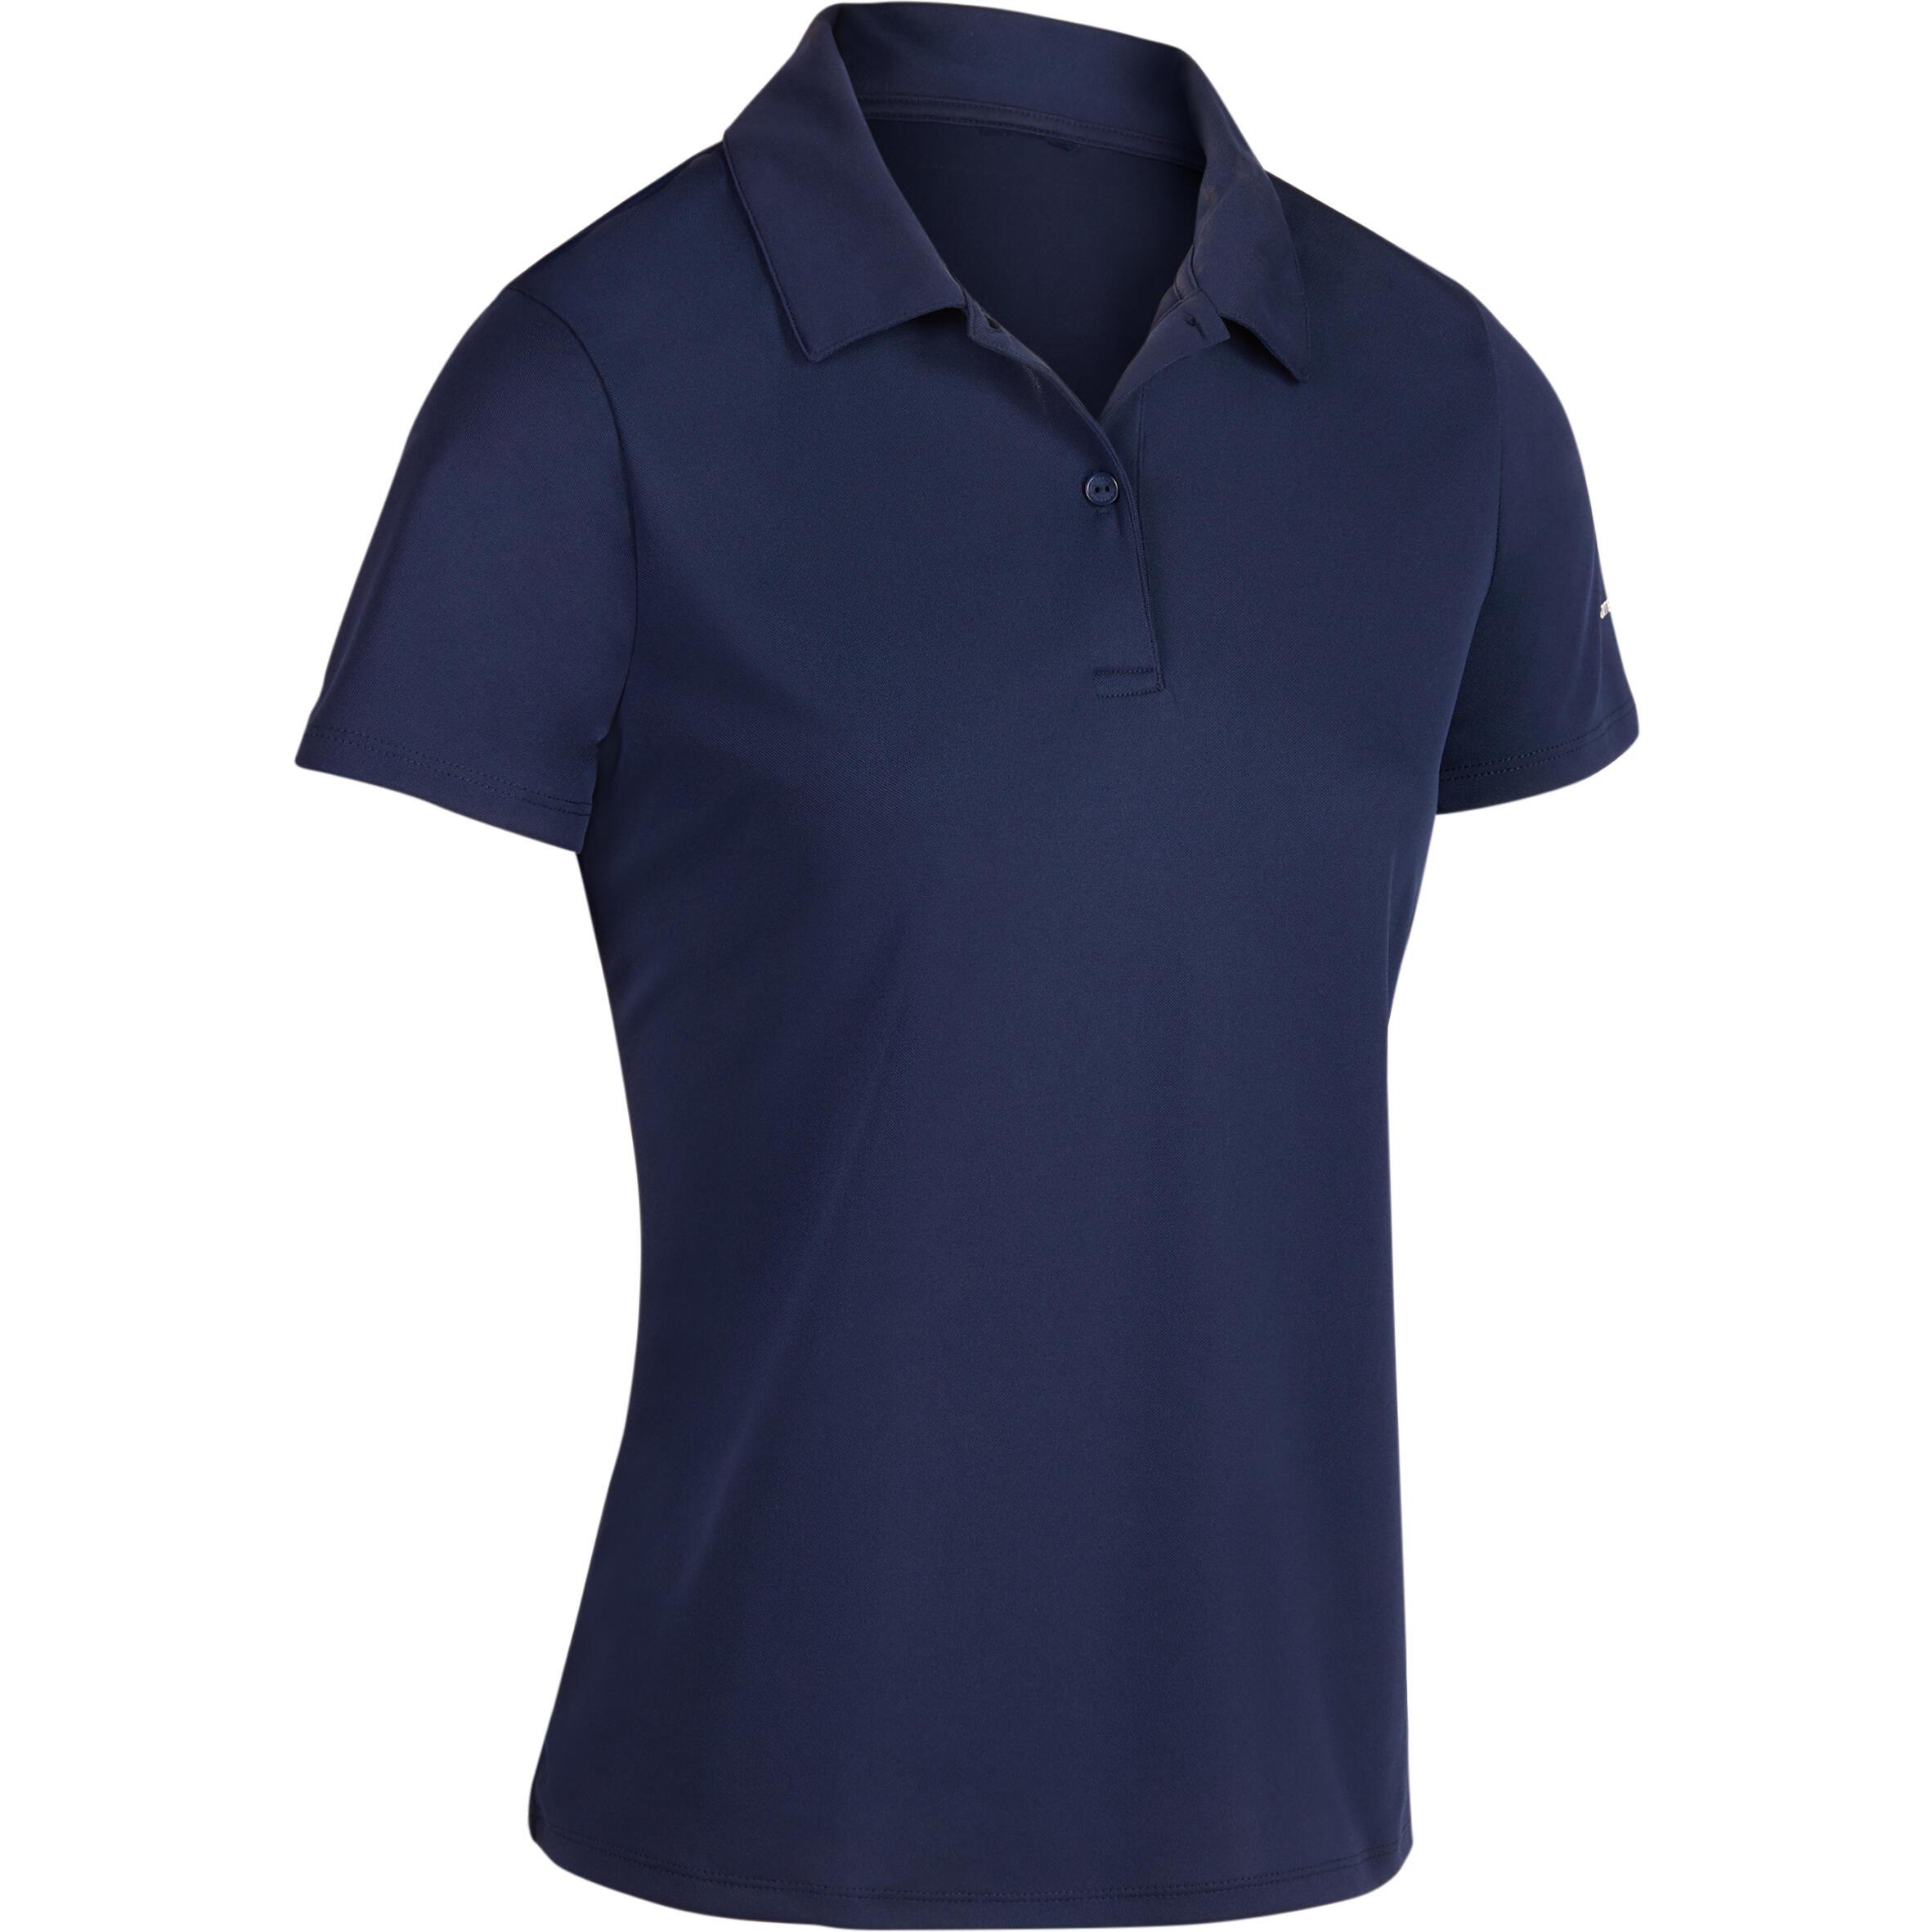 Essential Women's Tennis Badminton Table Tennis Padel Squash Polo Shirt - Navy